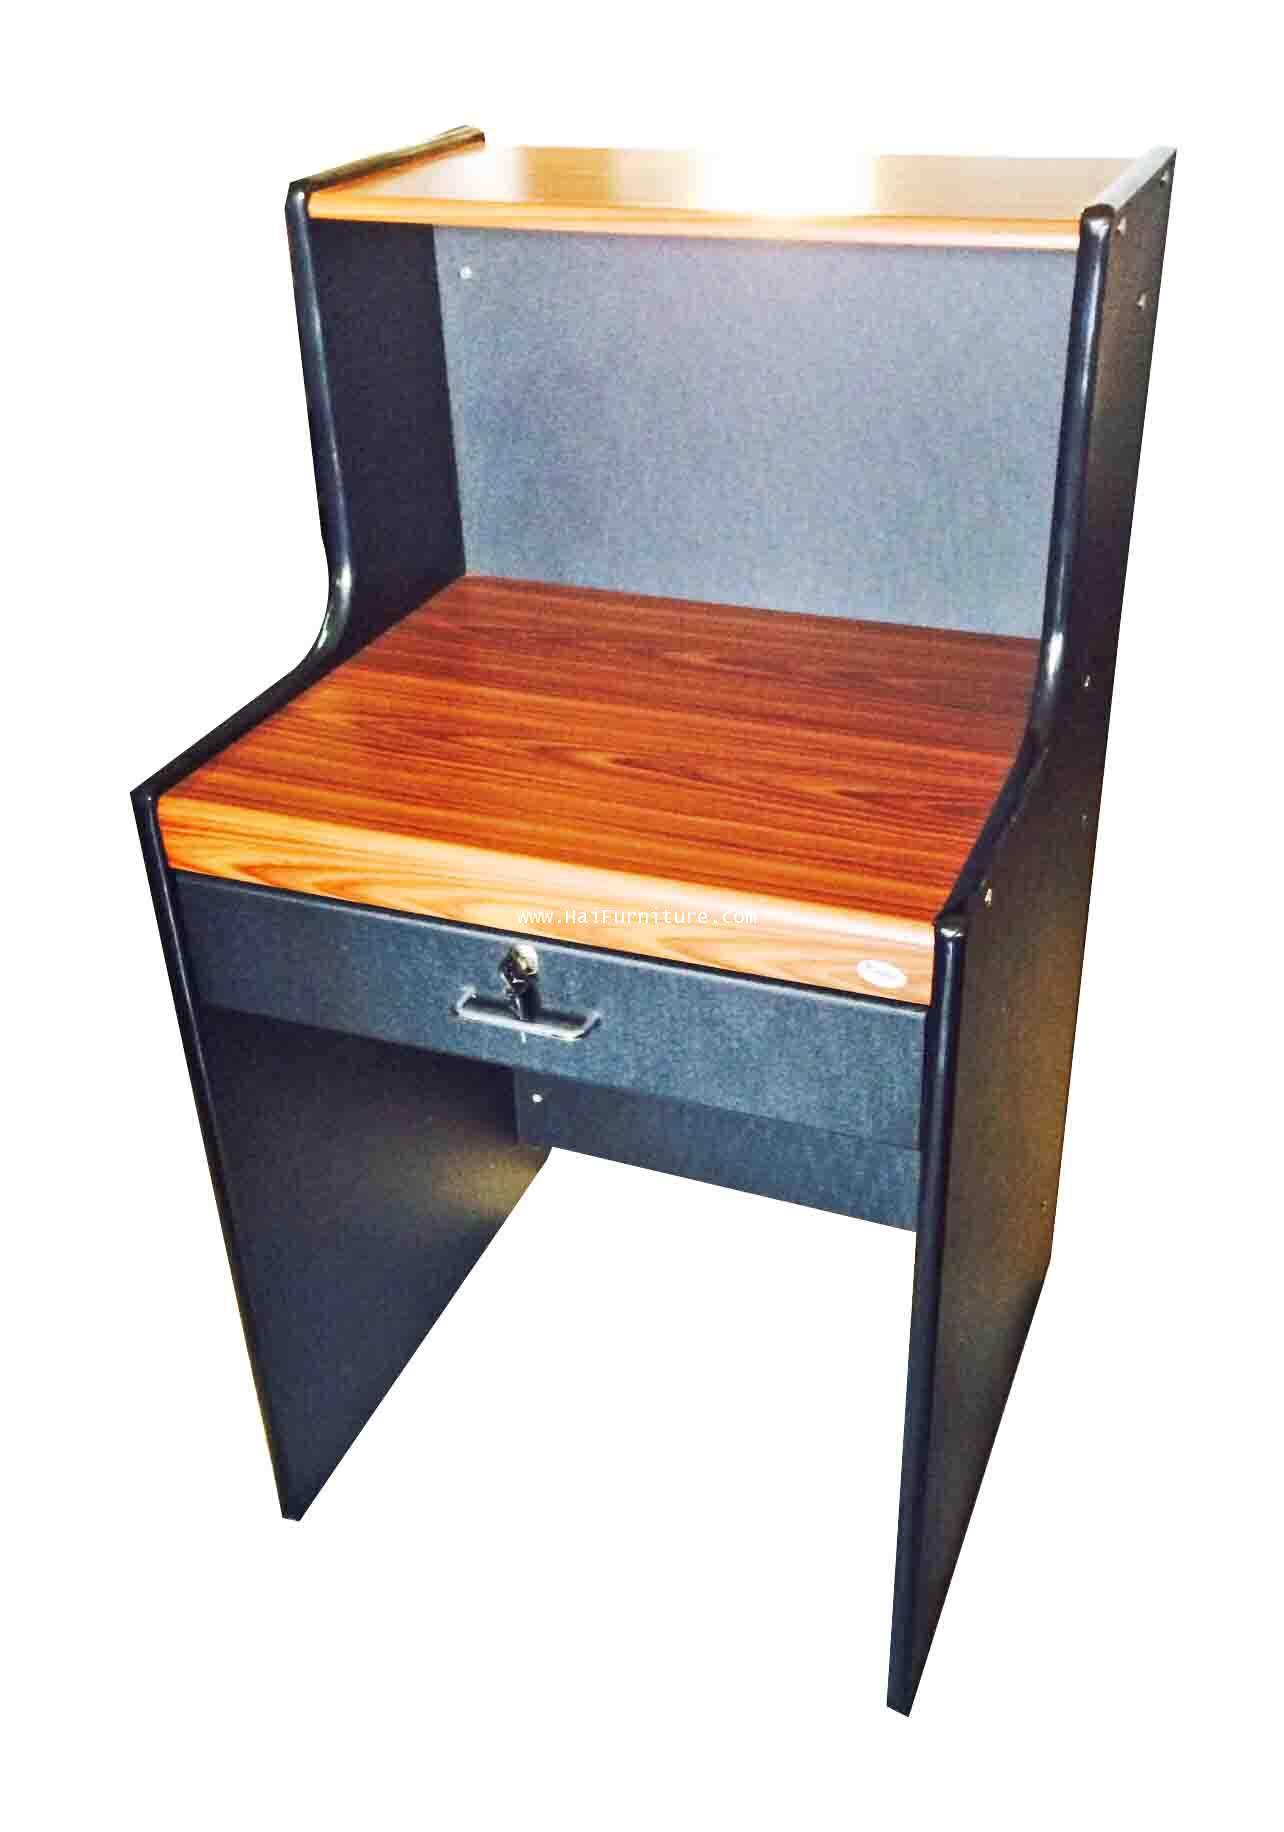 เคาท์เตอร์สำนักงานหน้า PVC สีสัก/ดำ 60*60*110 ซม.